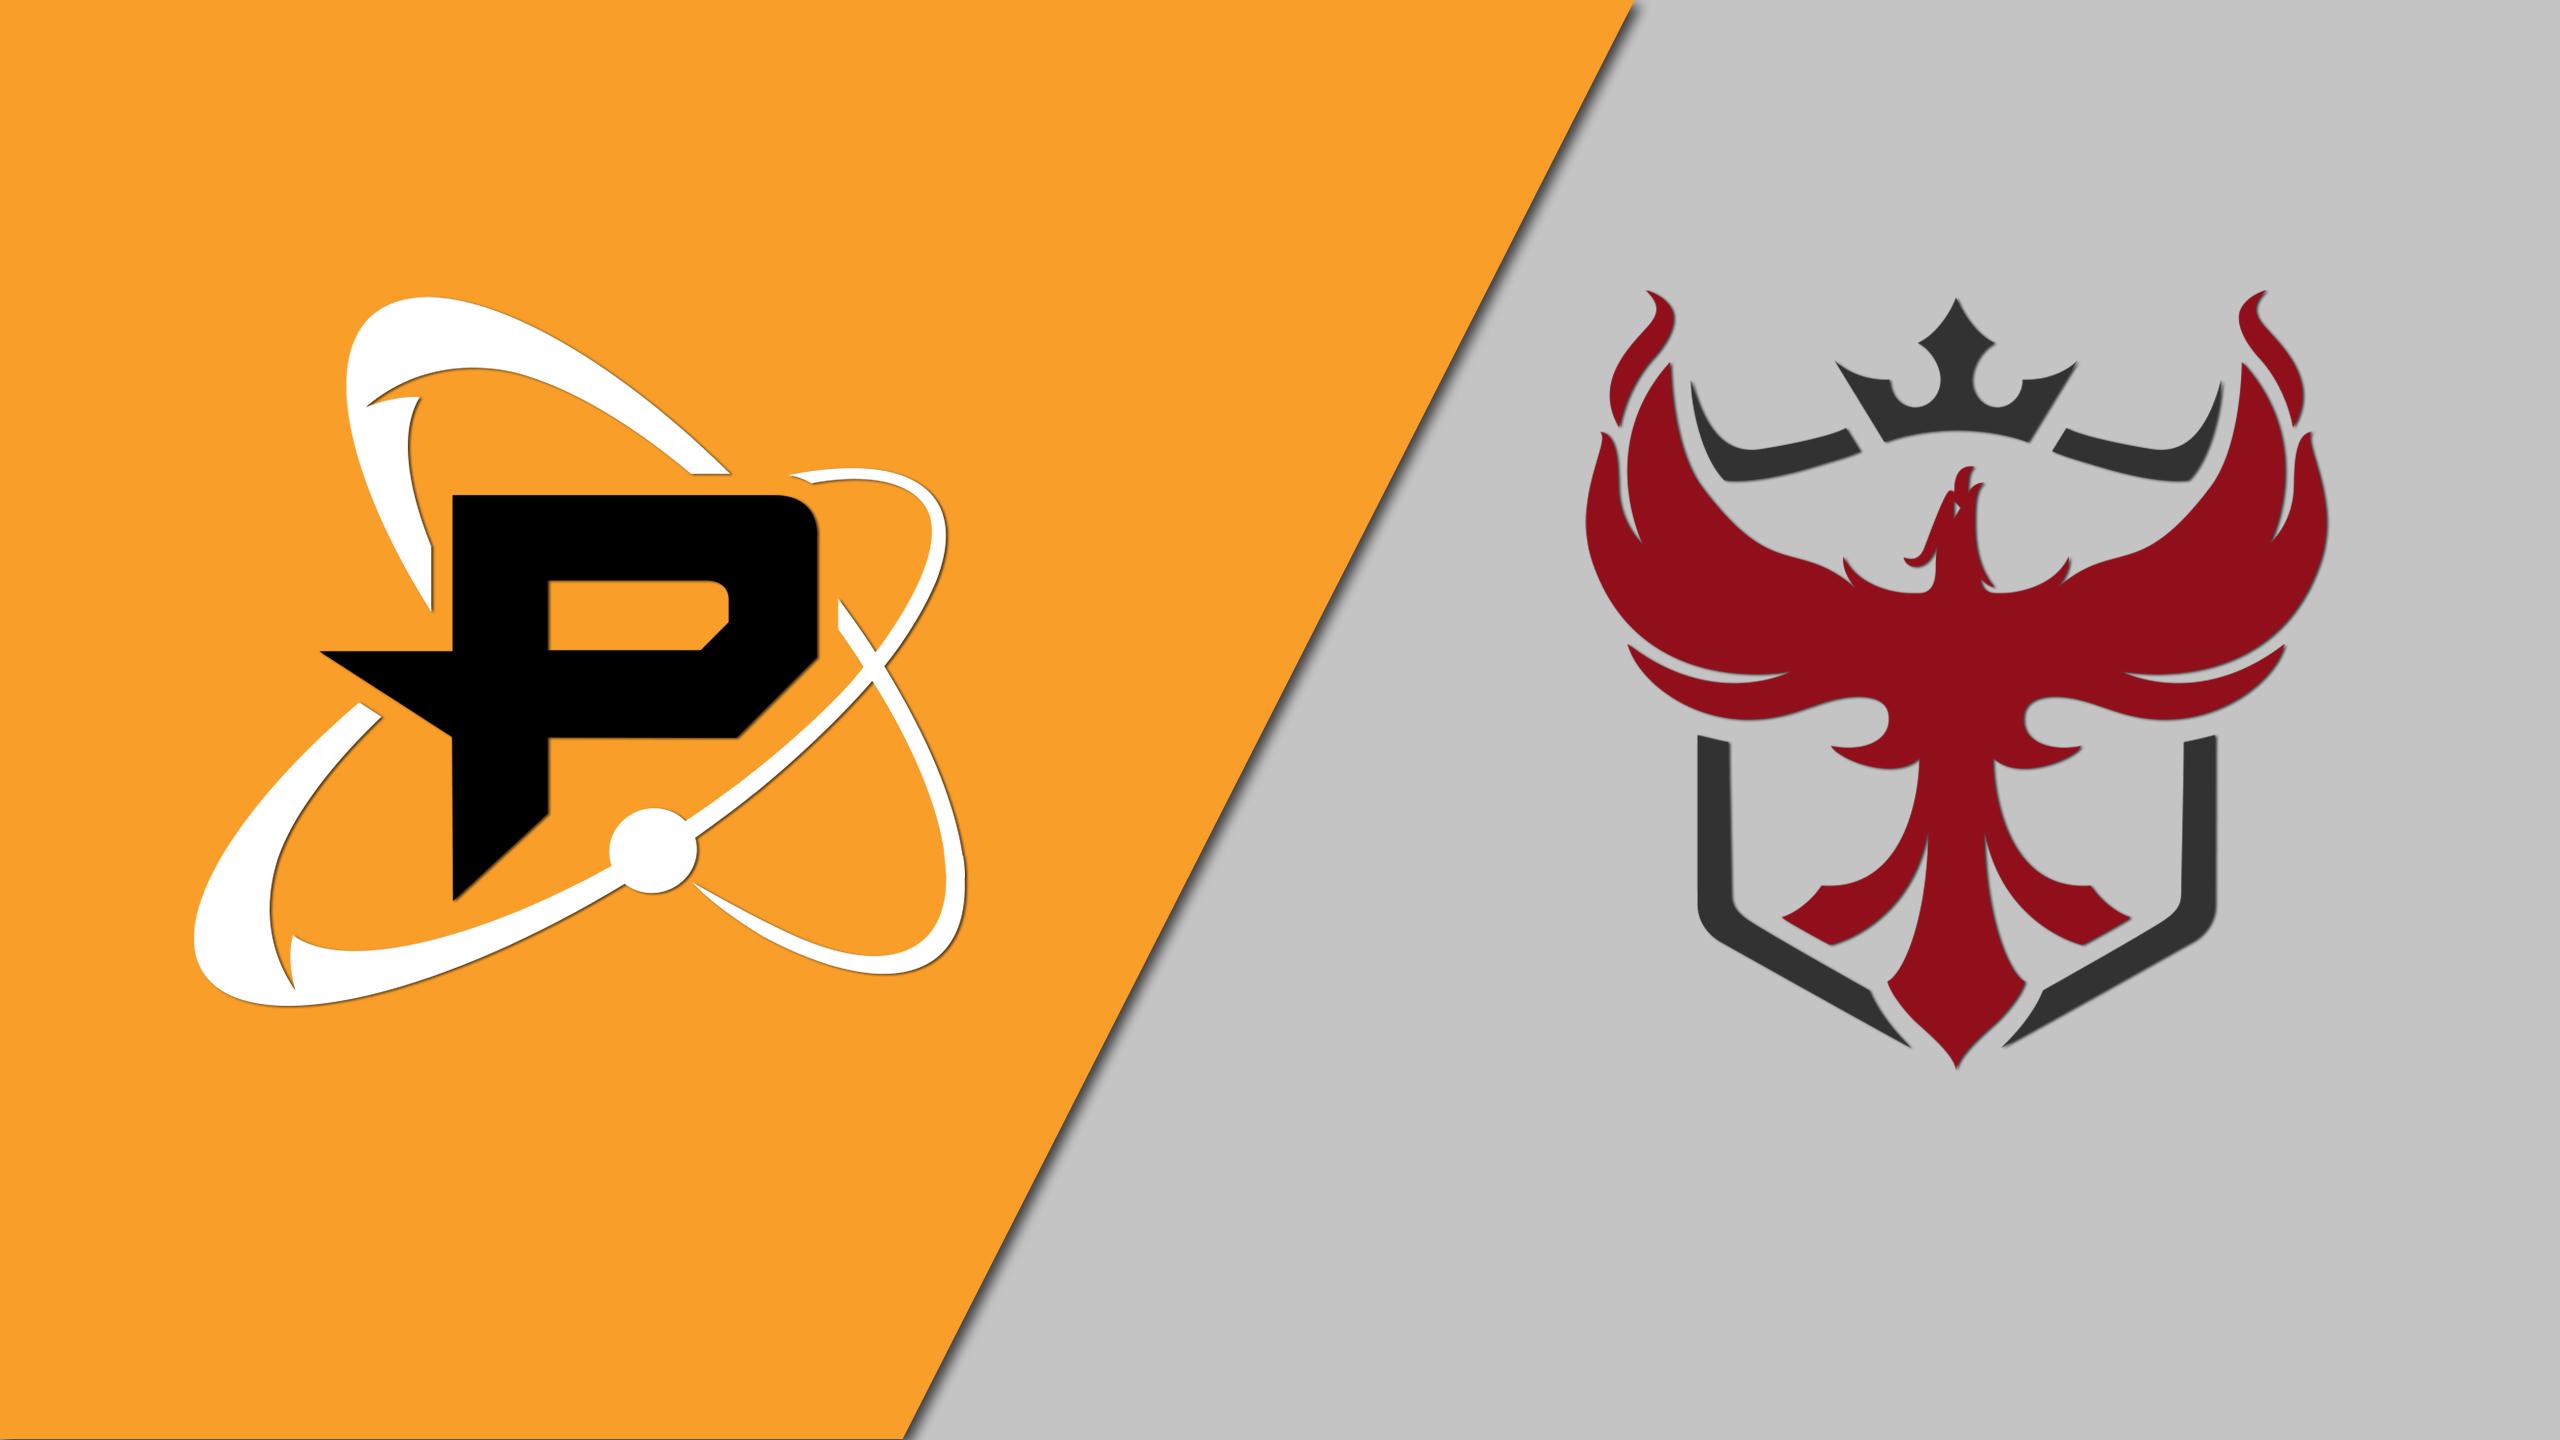 Philadelphia Fusion vs. Atlanta Reign